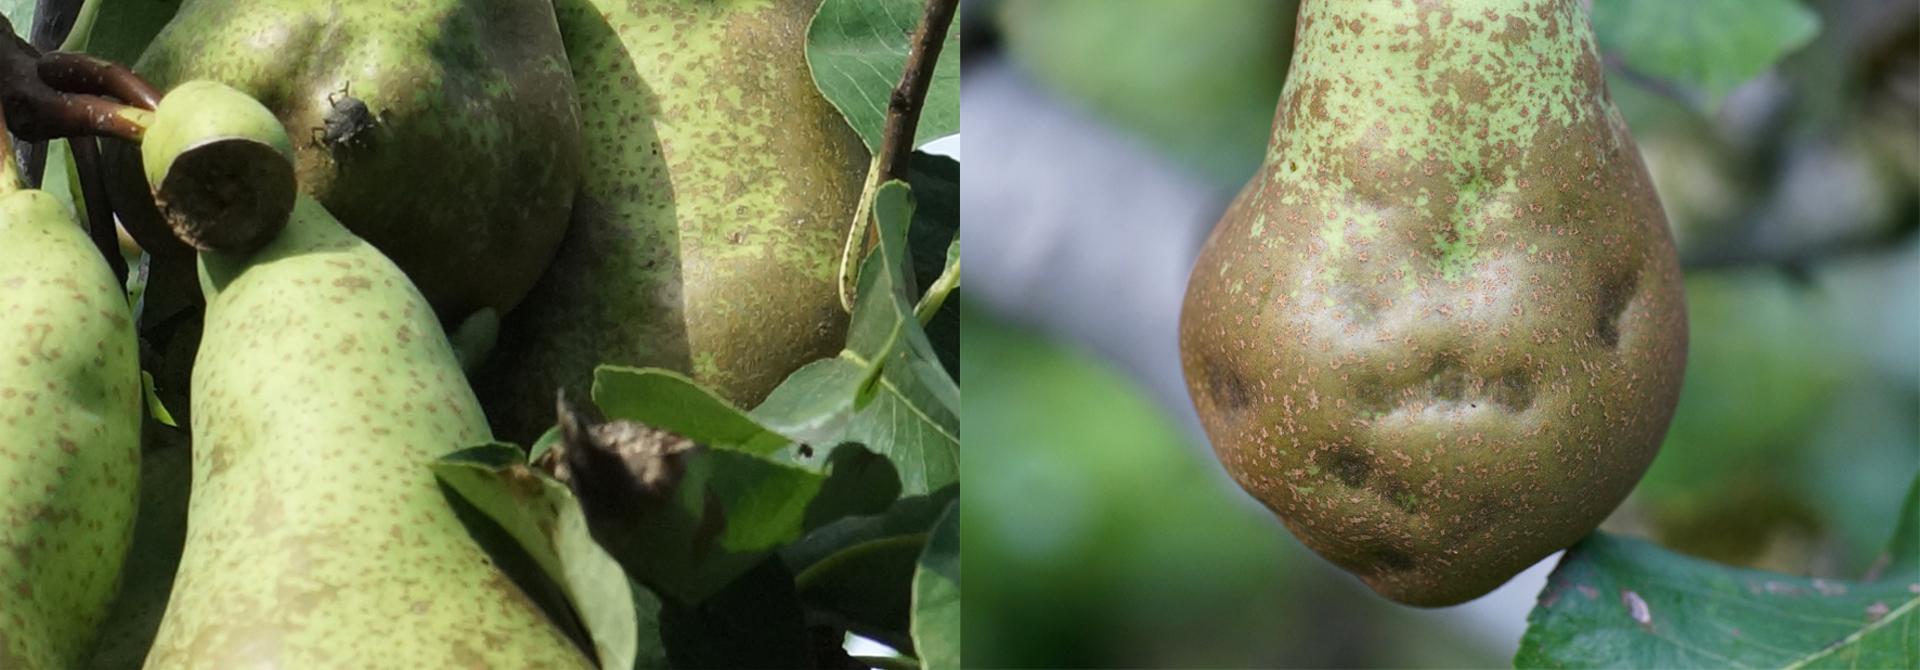 Fru00fcher Befall an Birnen fu00fchrt zu starker Deformation von Fru00fcchten (links). Saugen Marmorierte Baumwanzen relativ kurz vor der Ernte an den Fru00fcchten, entstehen kleine Einbuchtungen mit steinigen Zellen. (rechts). Solche Birnen ku00f6nnen nicht mehr verkauft werden.>